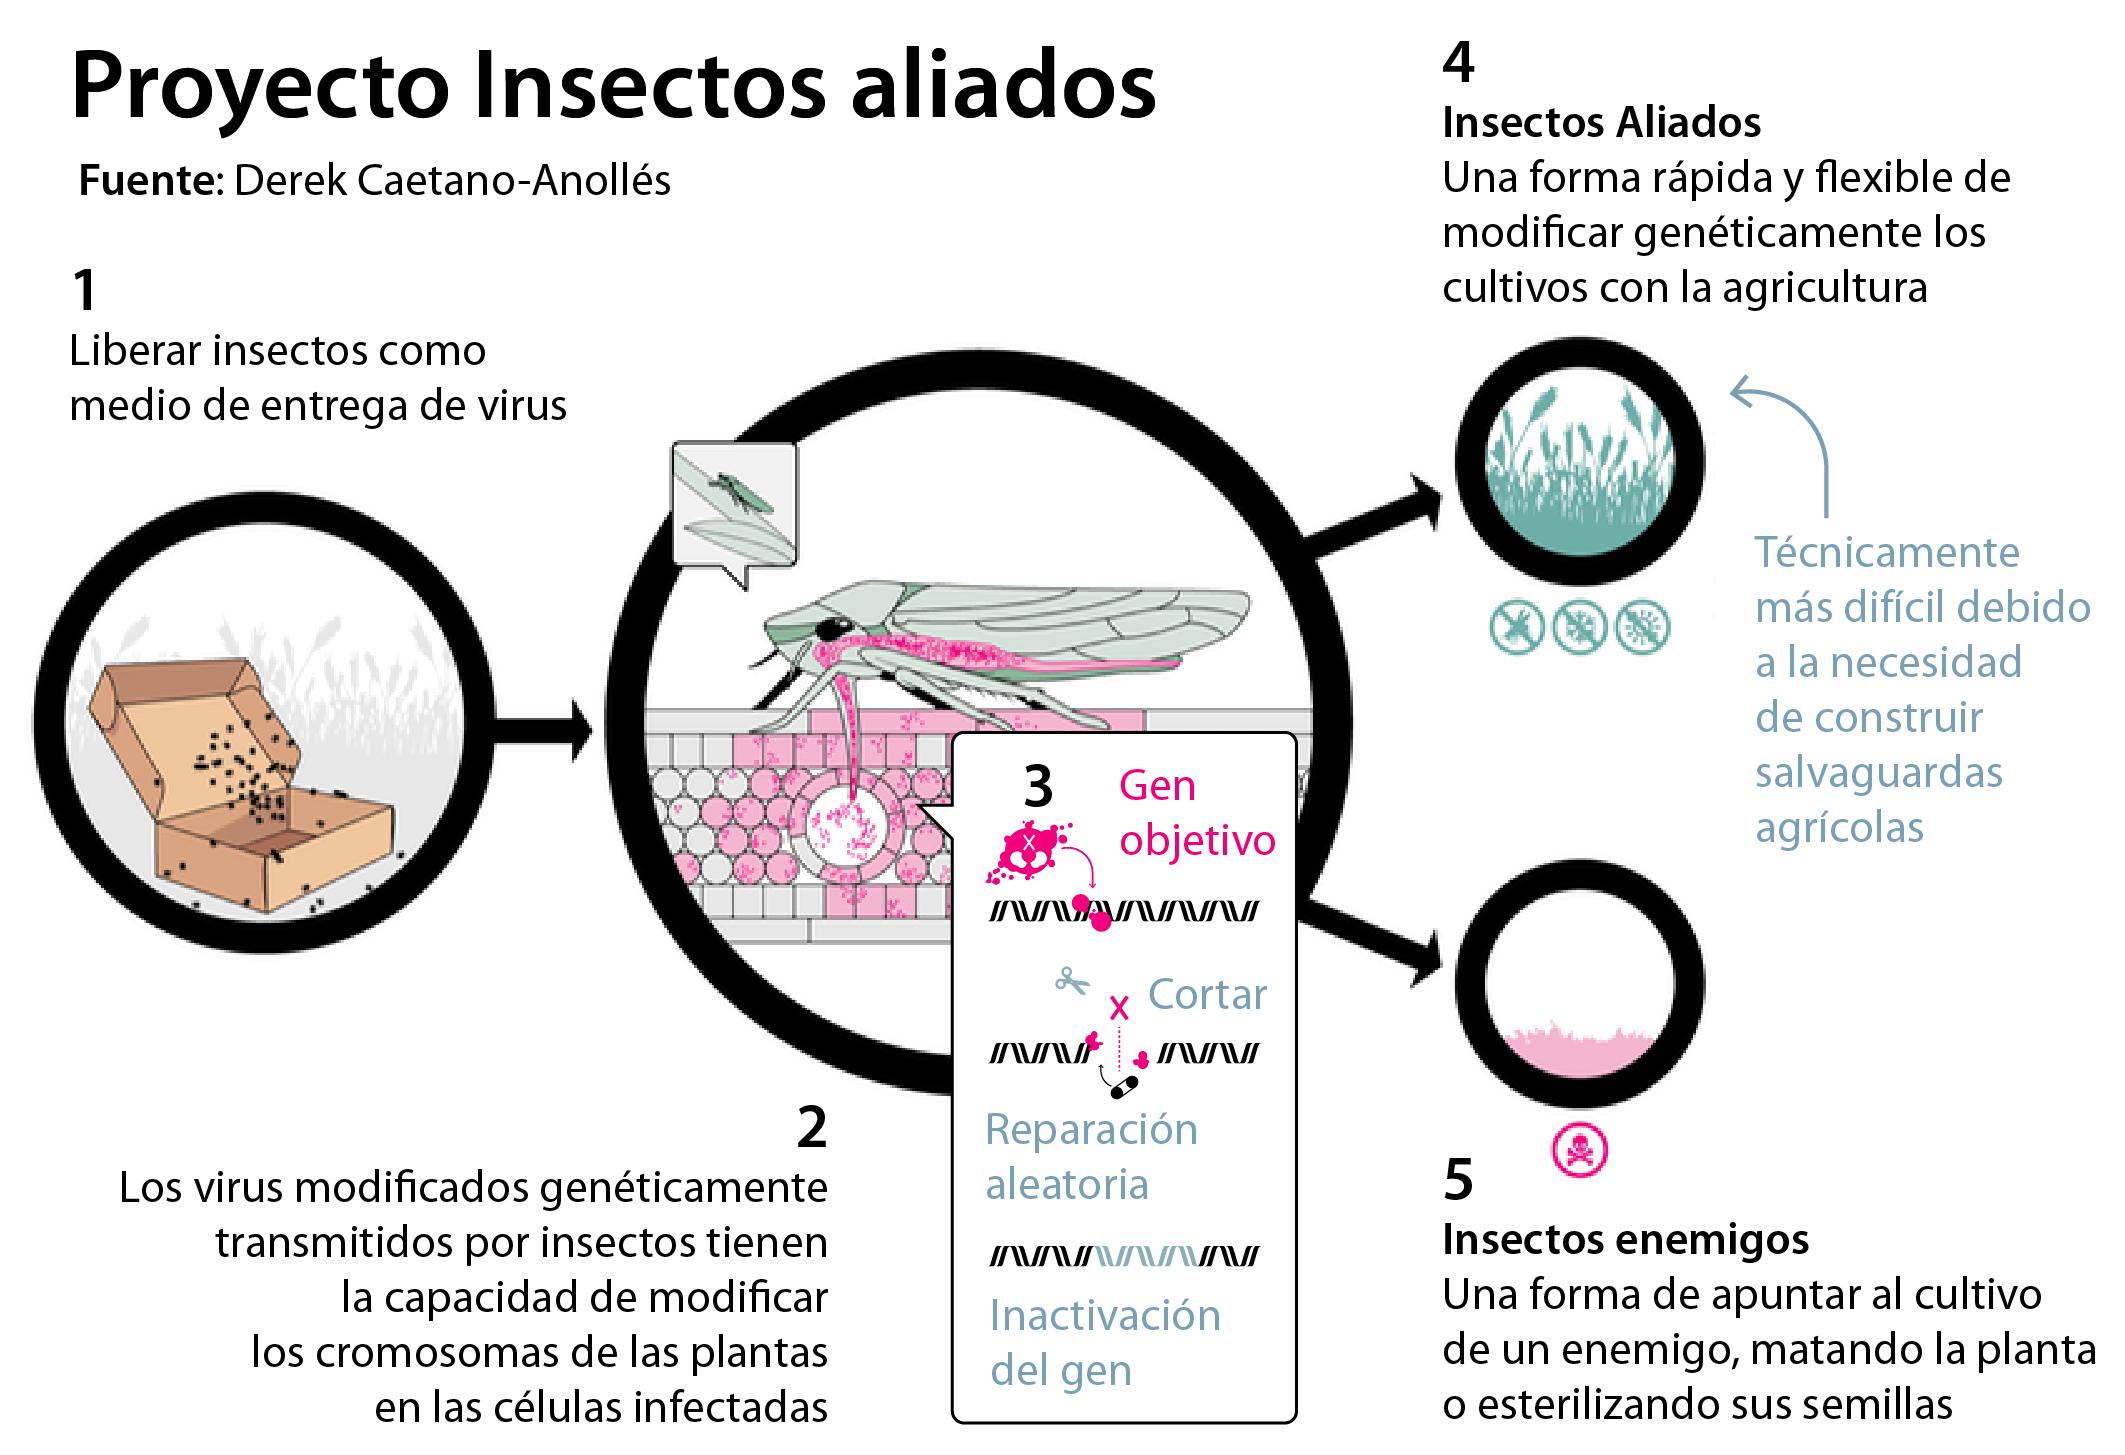 Así es cómo funciona «Insectos Aliados», según los autores del artículo